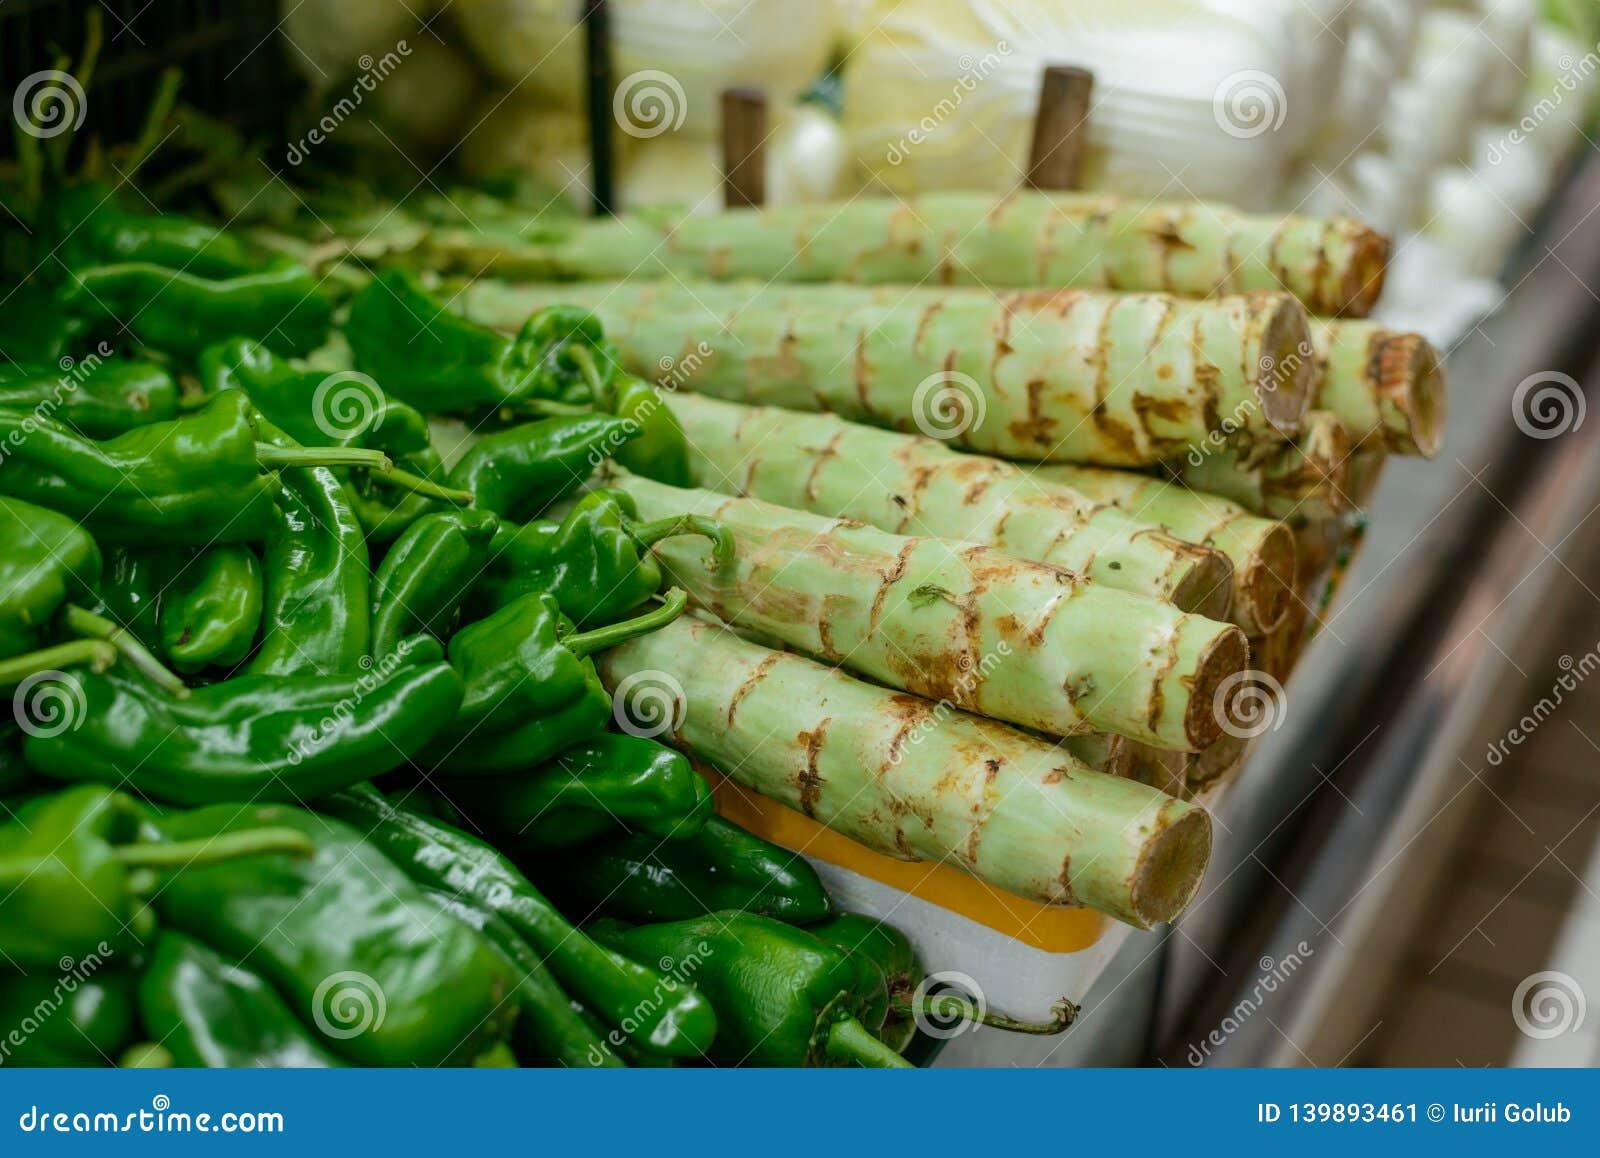 词根莴苣和青椒